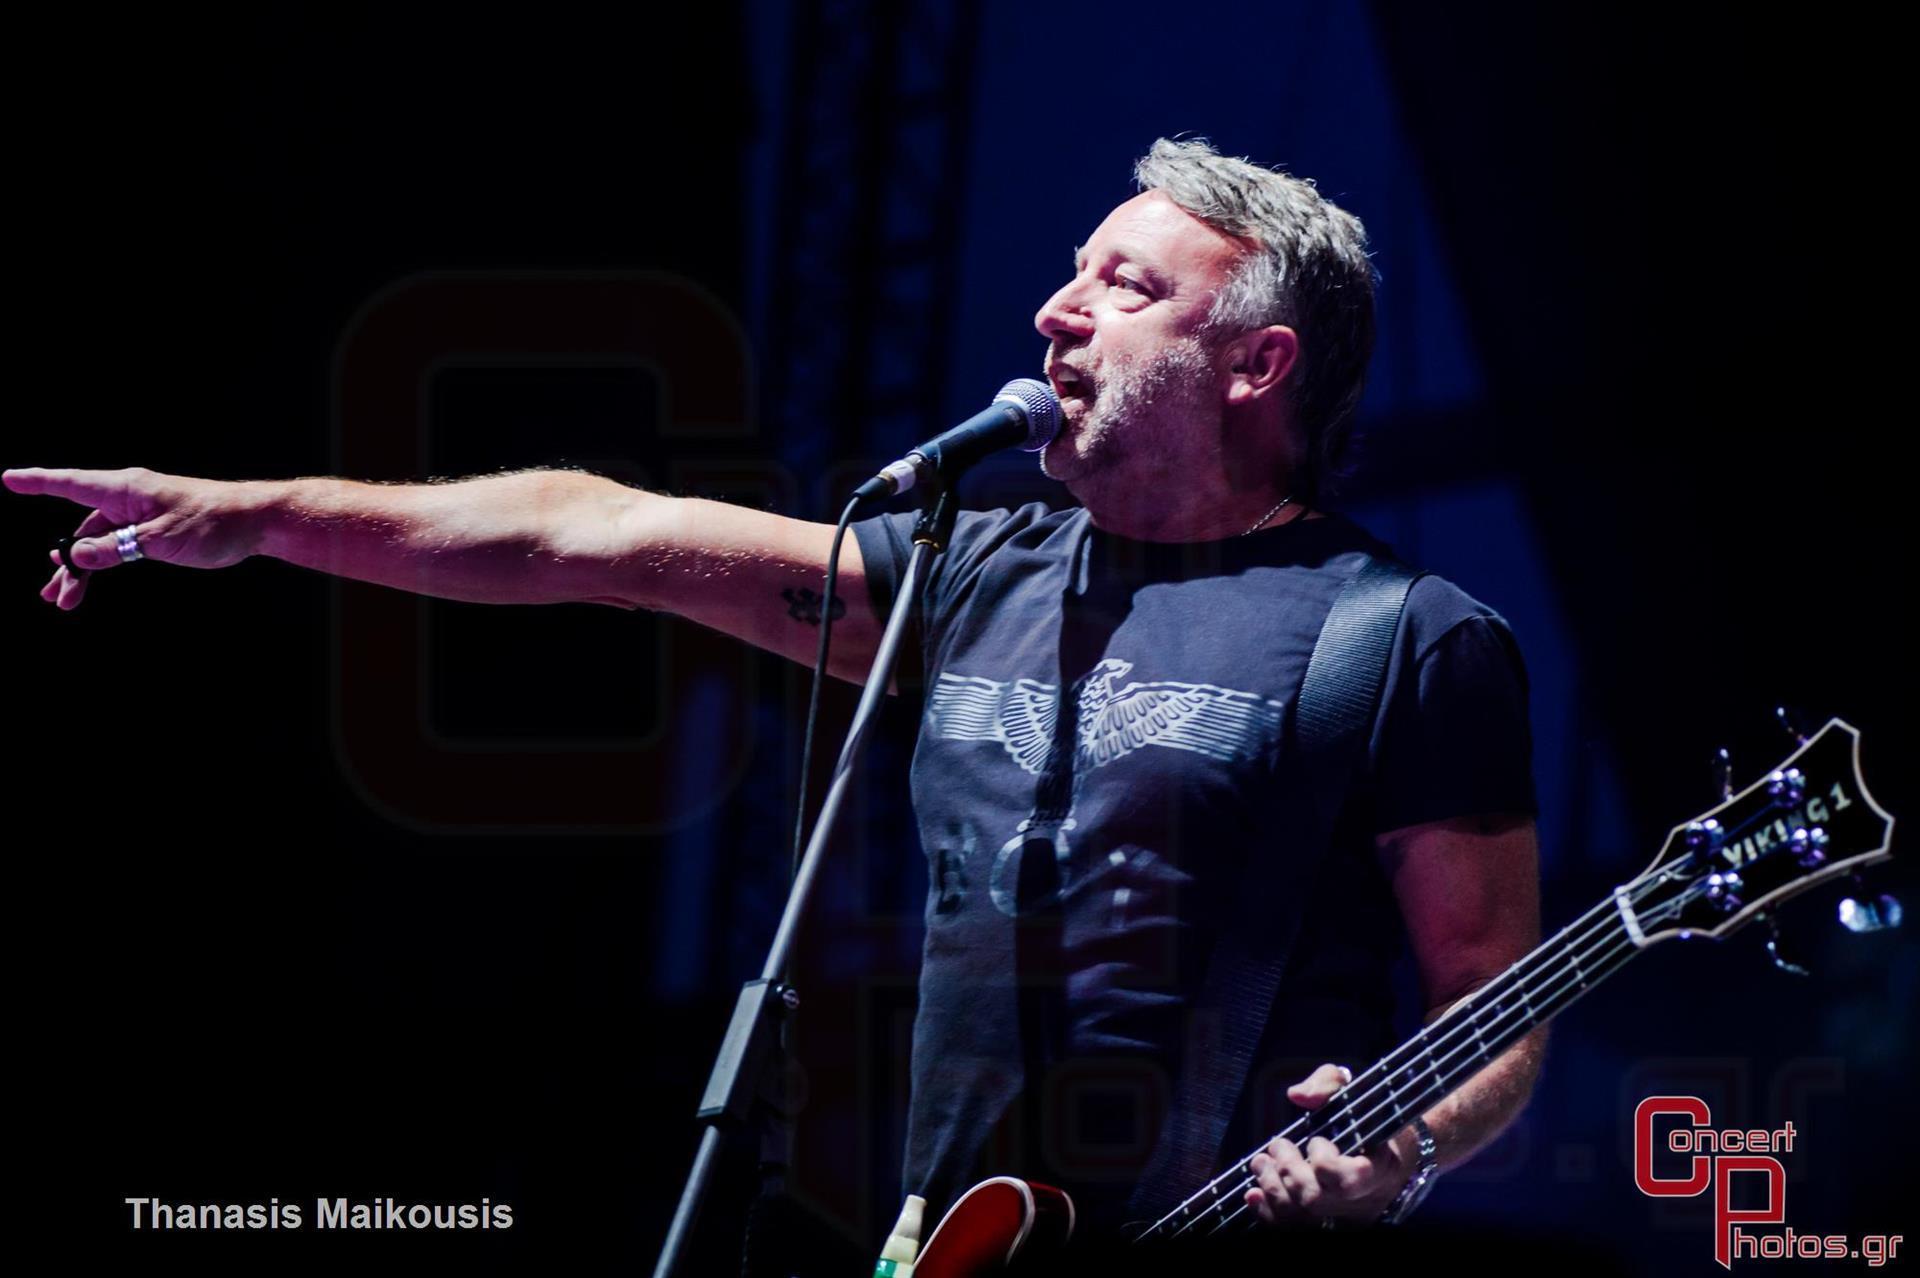 Peter Hook & The Light -Peter Hook & The Light Ejekt 2013 photographer: Thanasis Maikousis - concertphotos_-9274